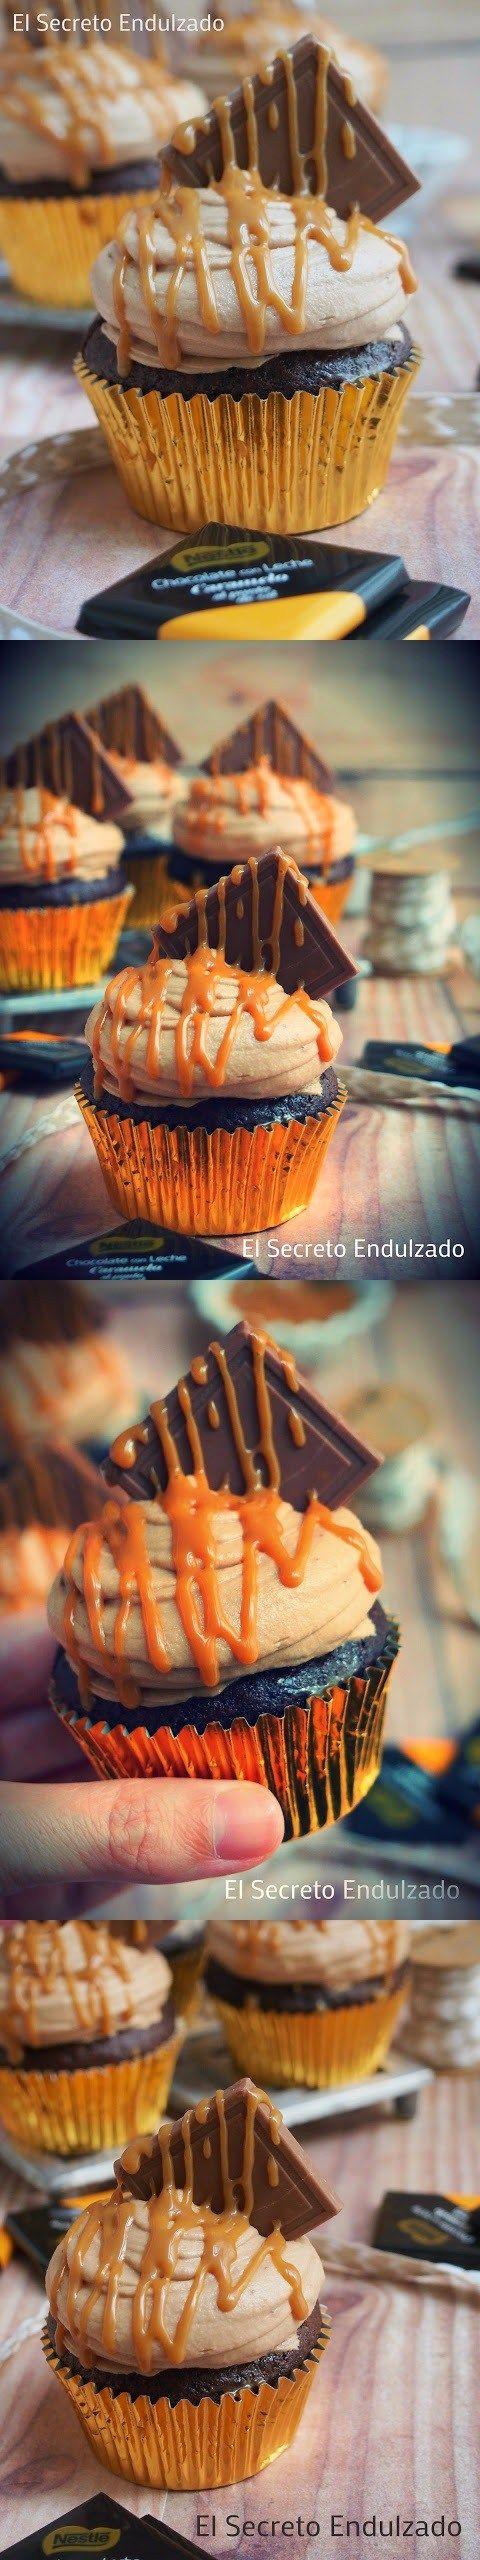 Manjar de Dioses: Cupcakes de ChocoCaramel / http://elsecretoendulzado.com